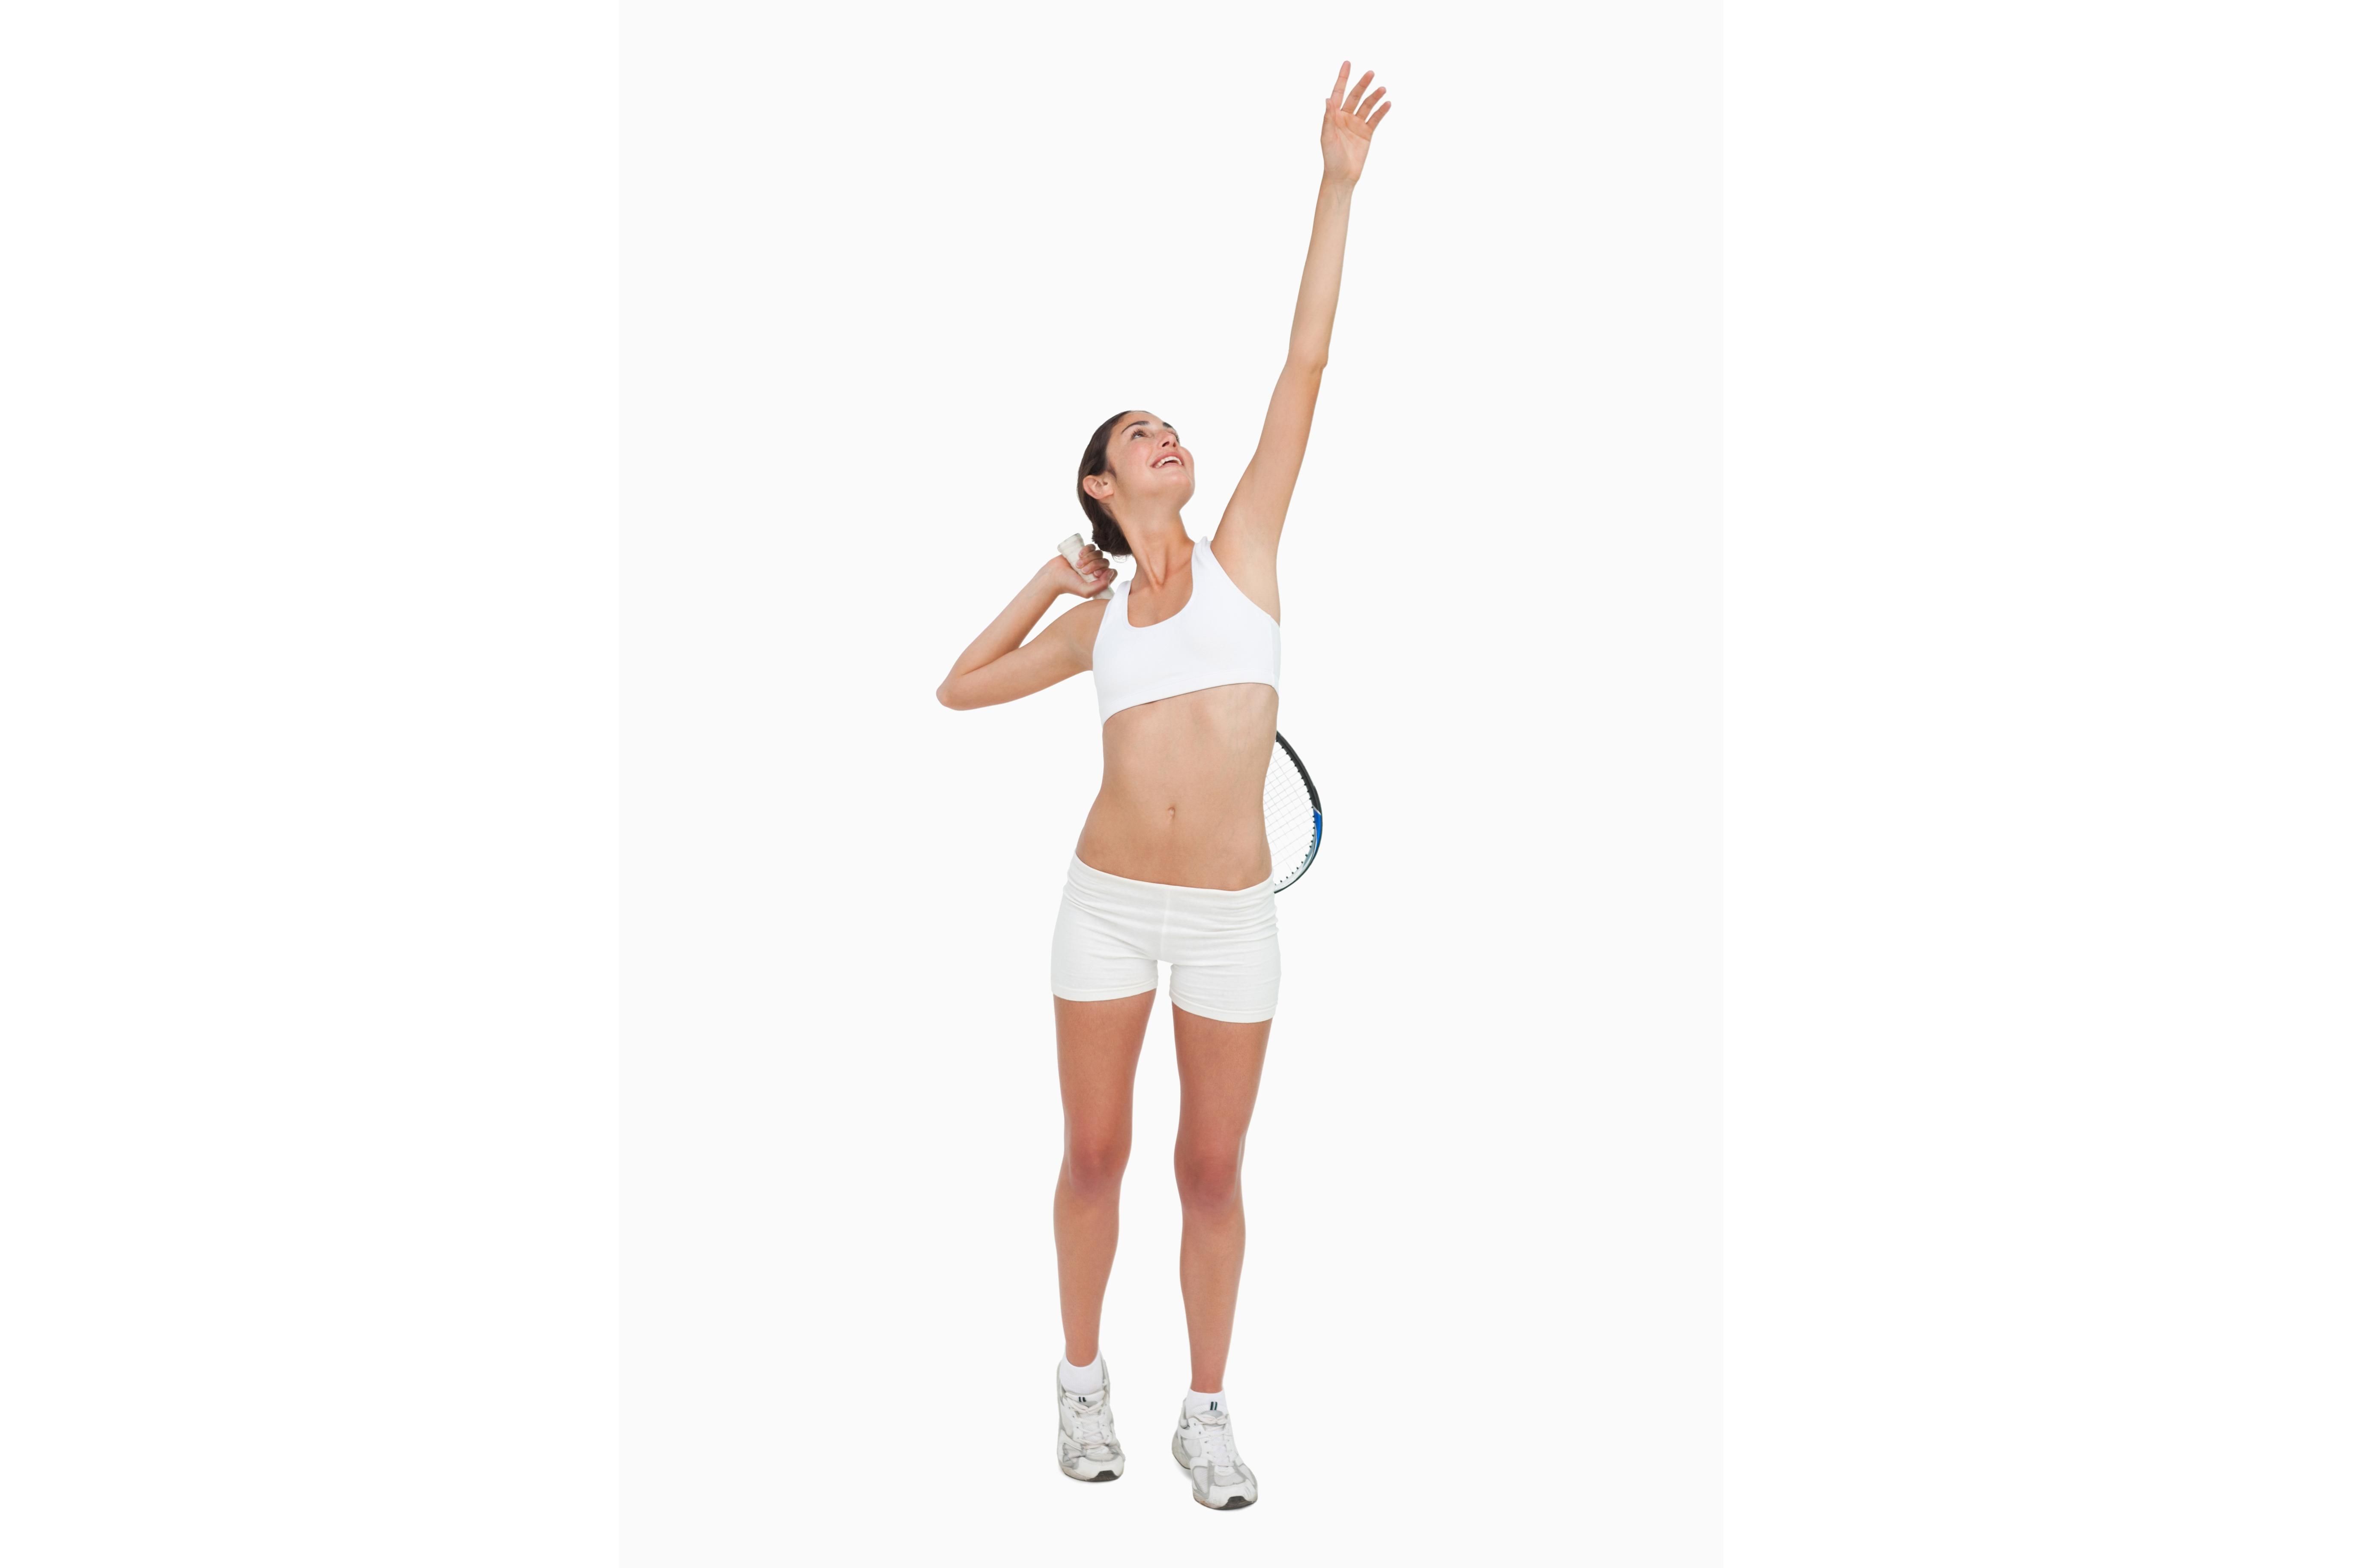 Cómo prevenir los desequilibrios musculares